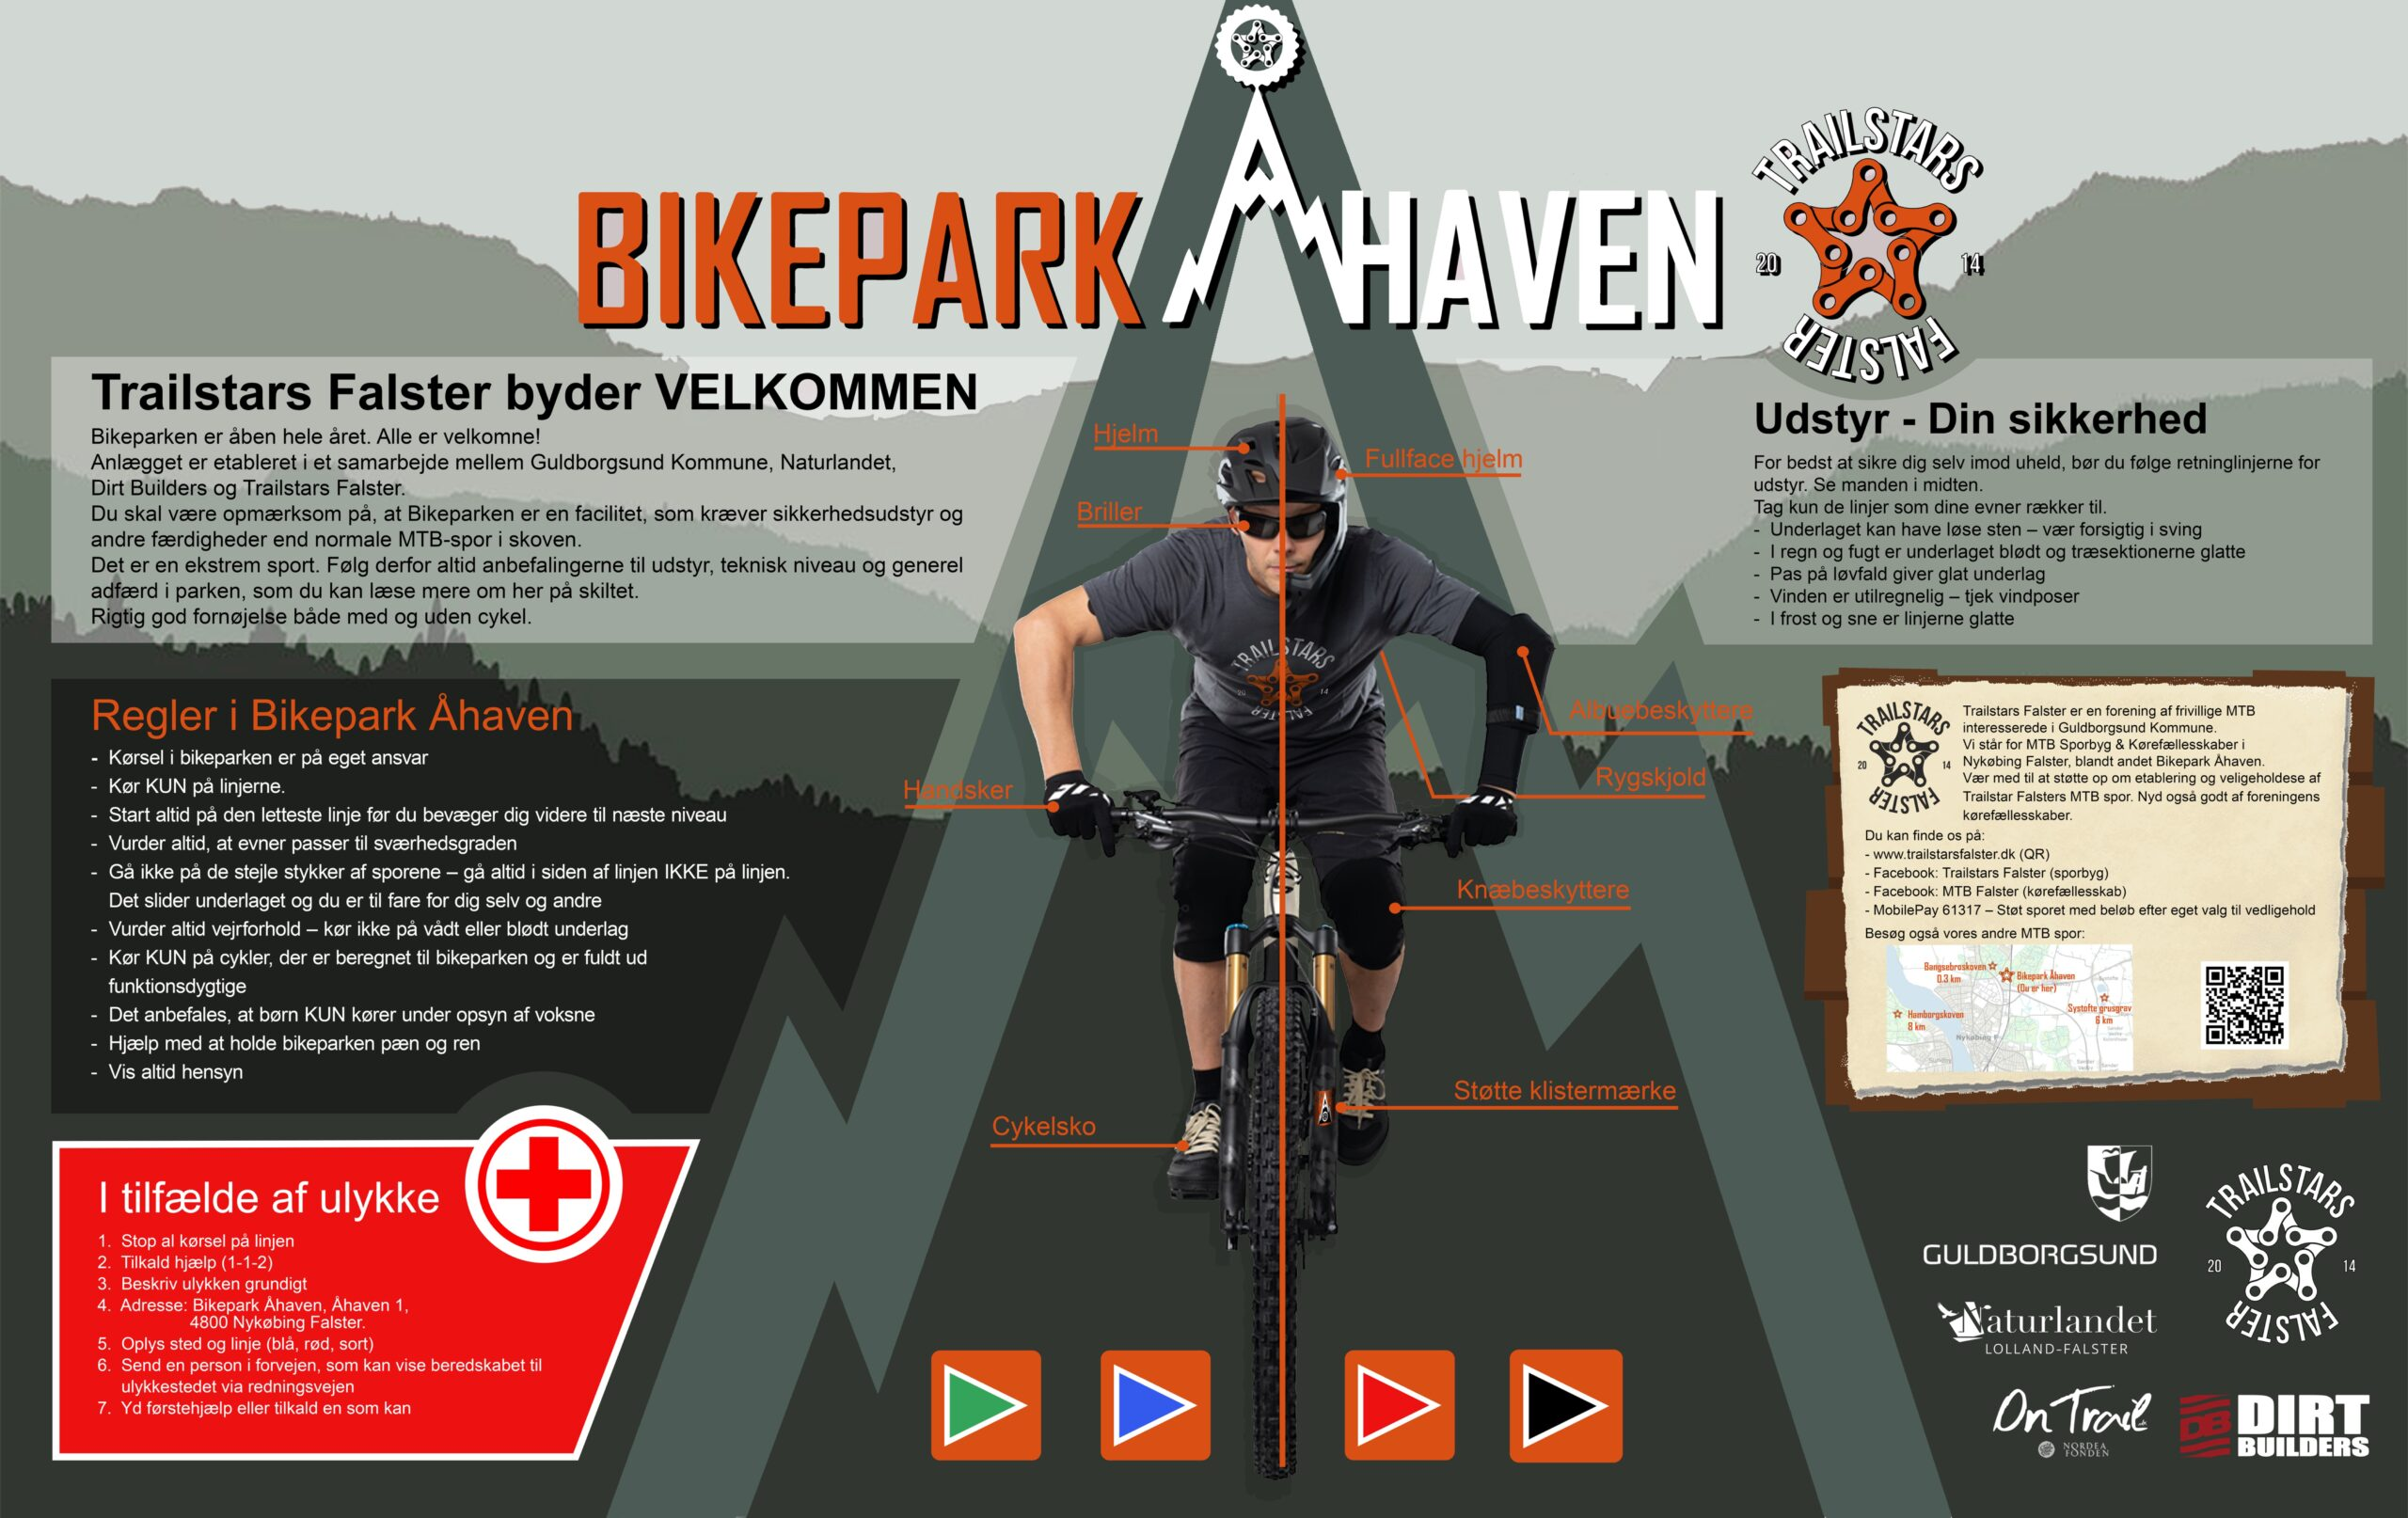 Bikepark Åhaven